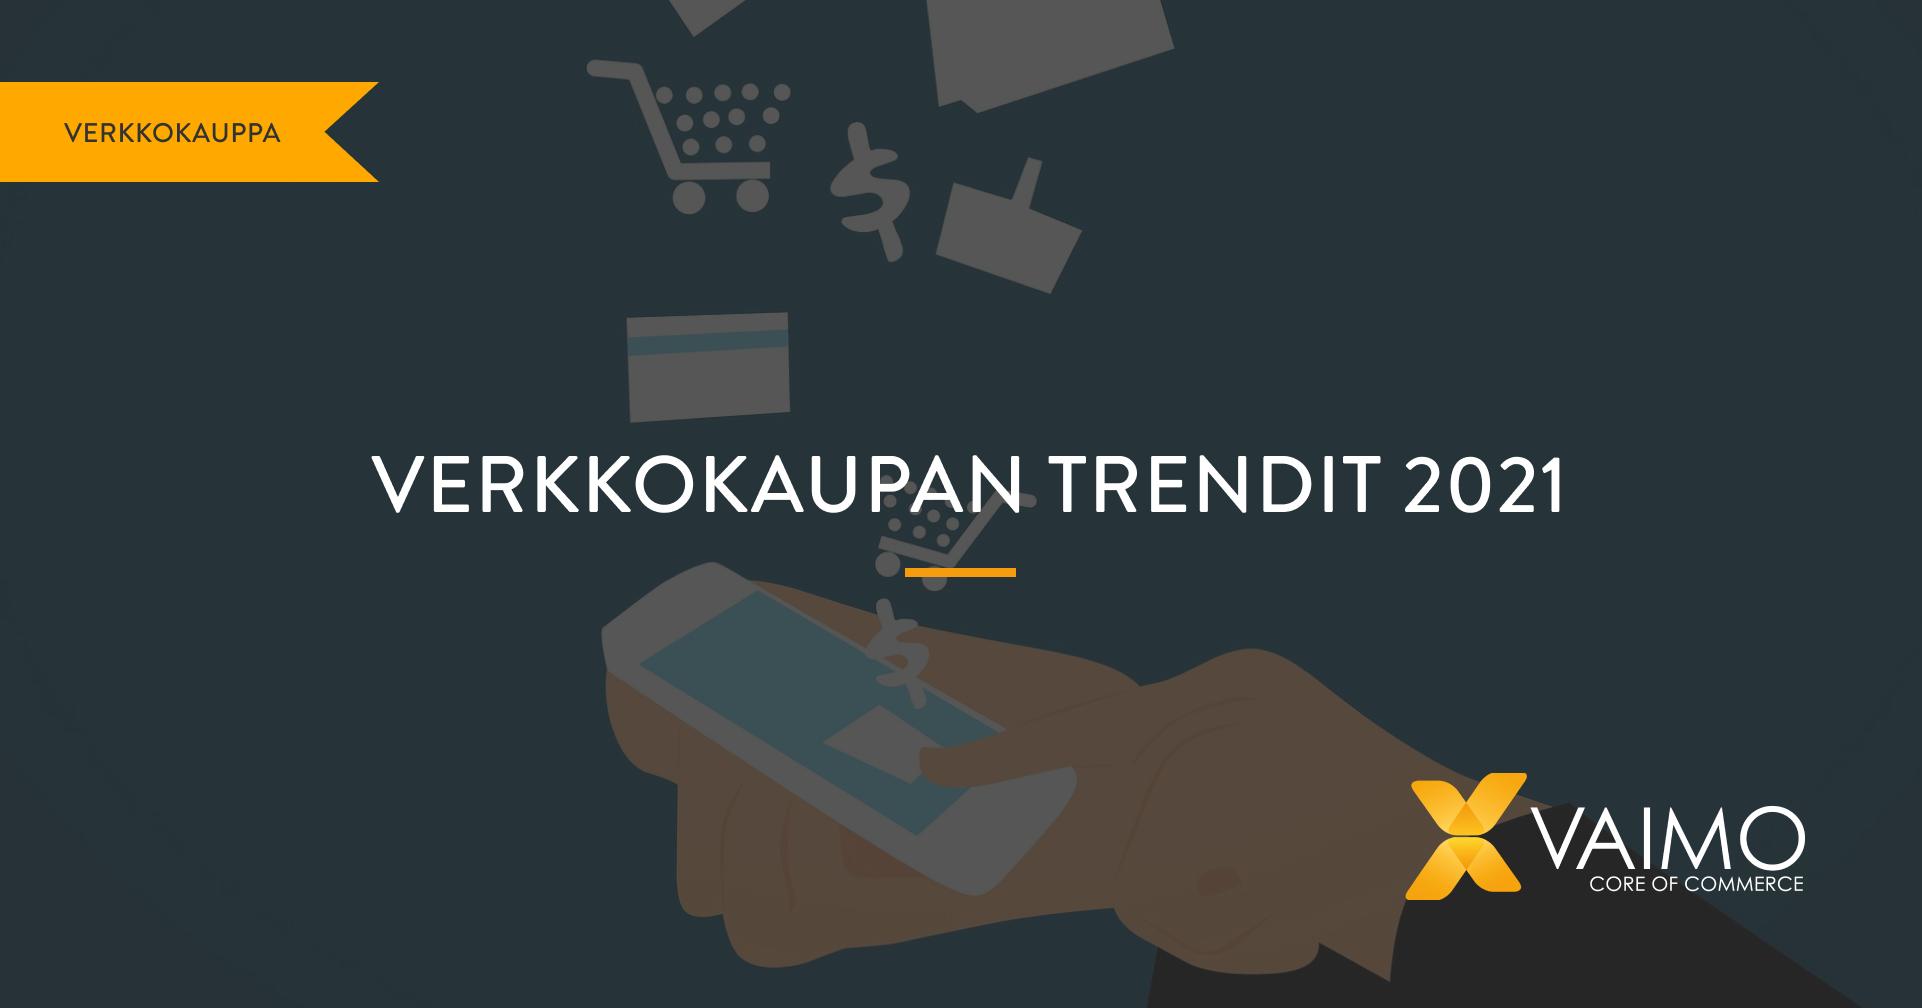 Verkkokaupan trendit 2021